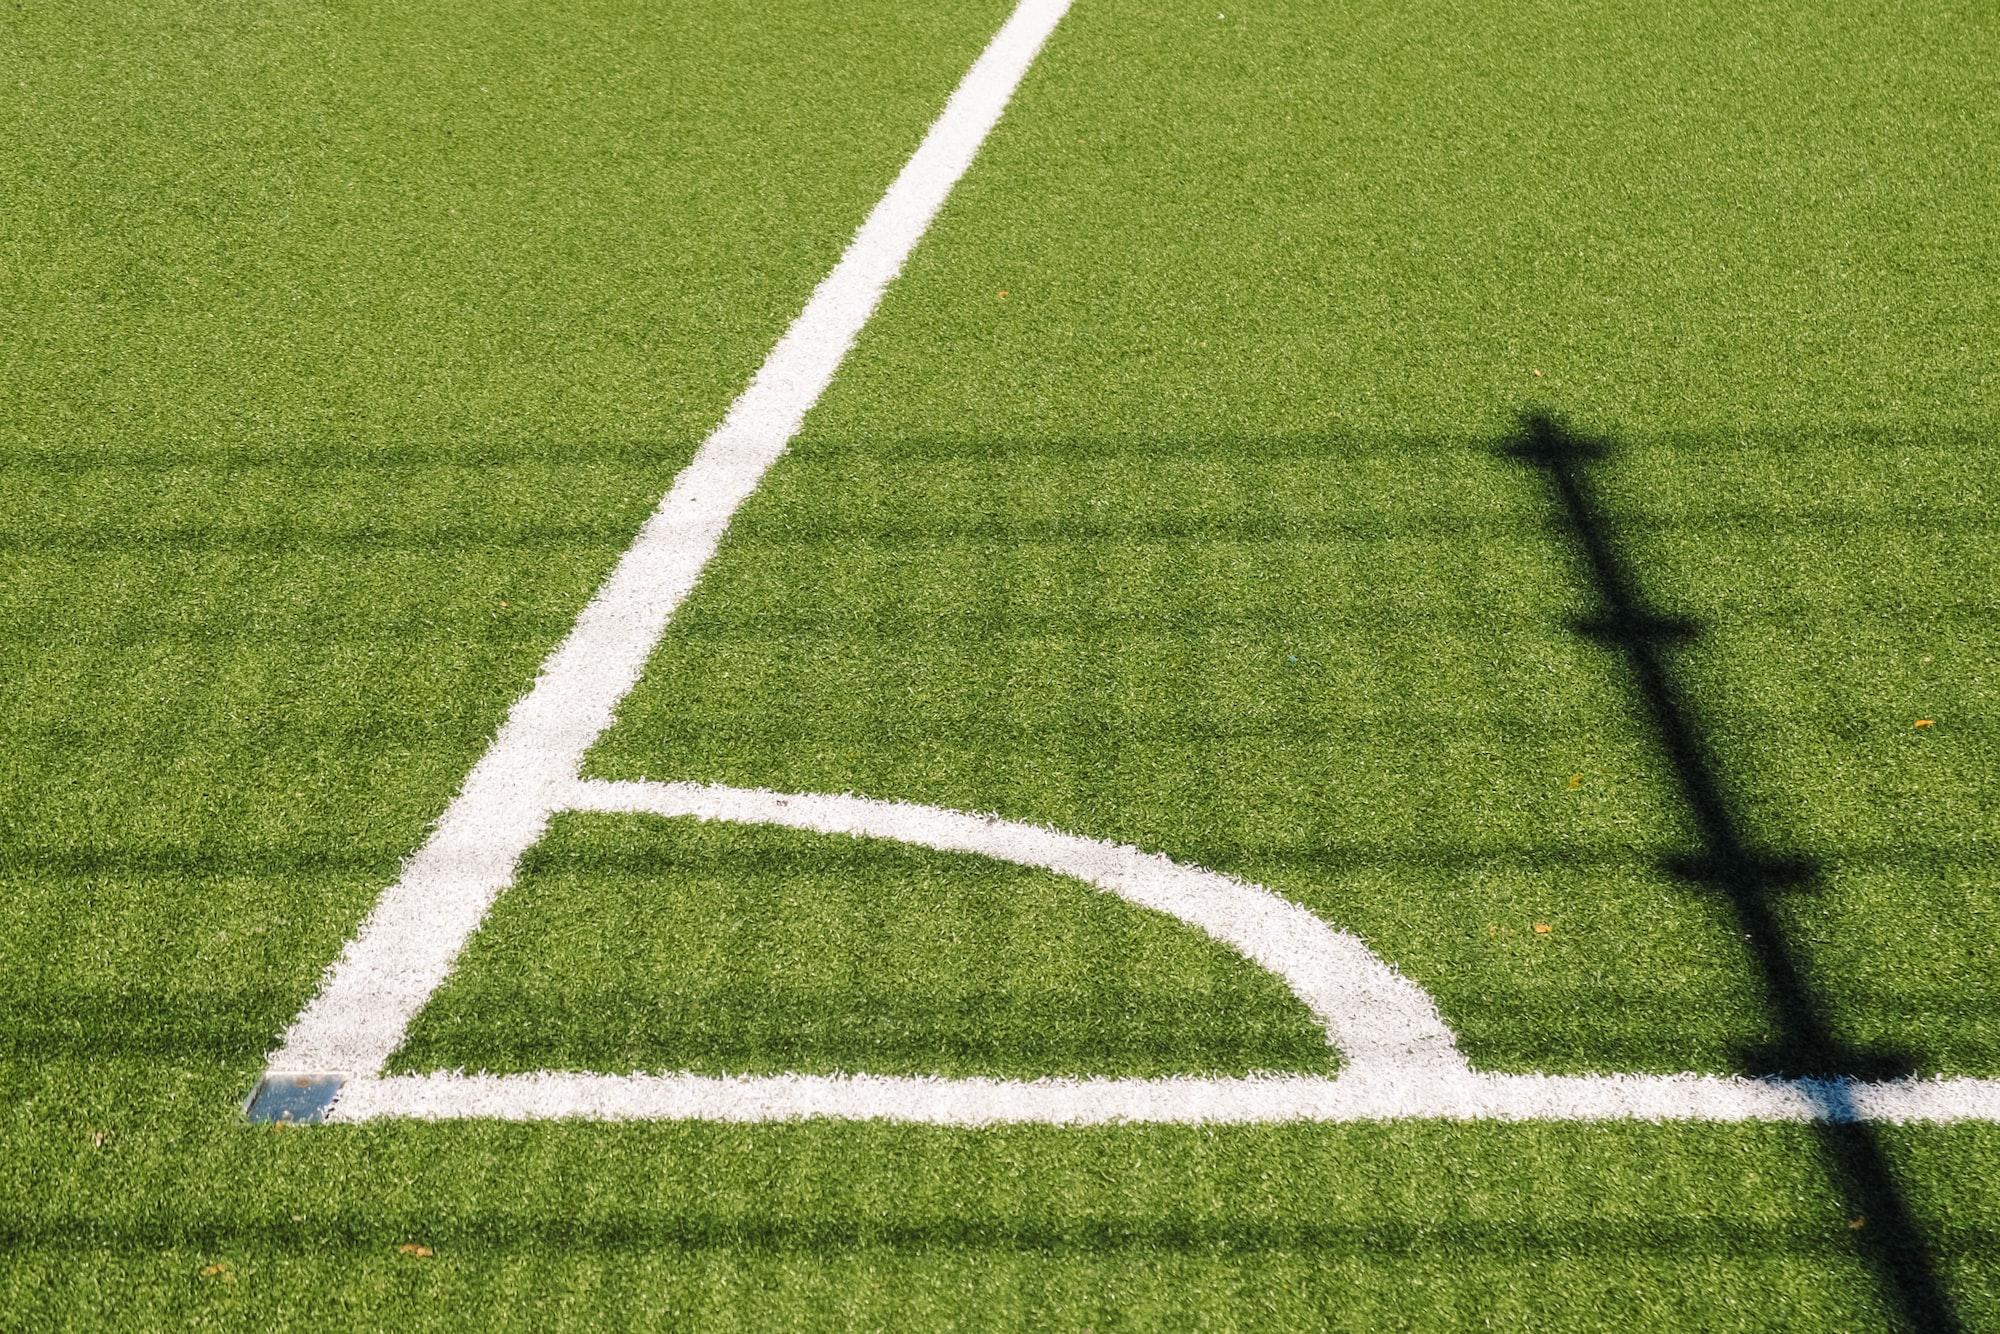 Όλα τα αθλητικά έργα που είναι σε εξέλιξη στην Αρκαδία - Ποια γήπεδα αναβαθμίζονται